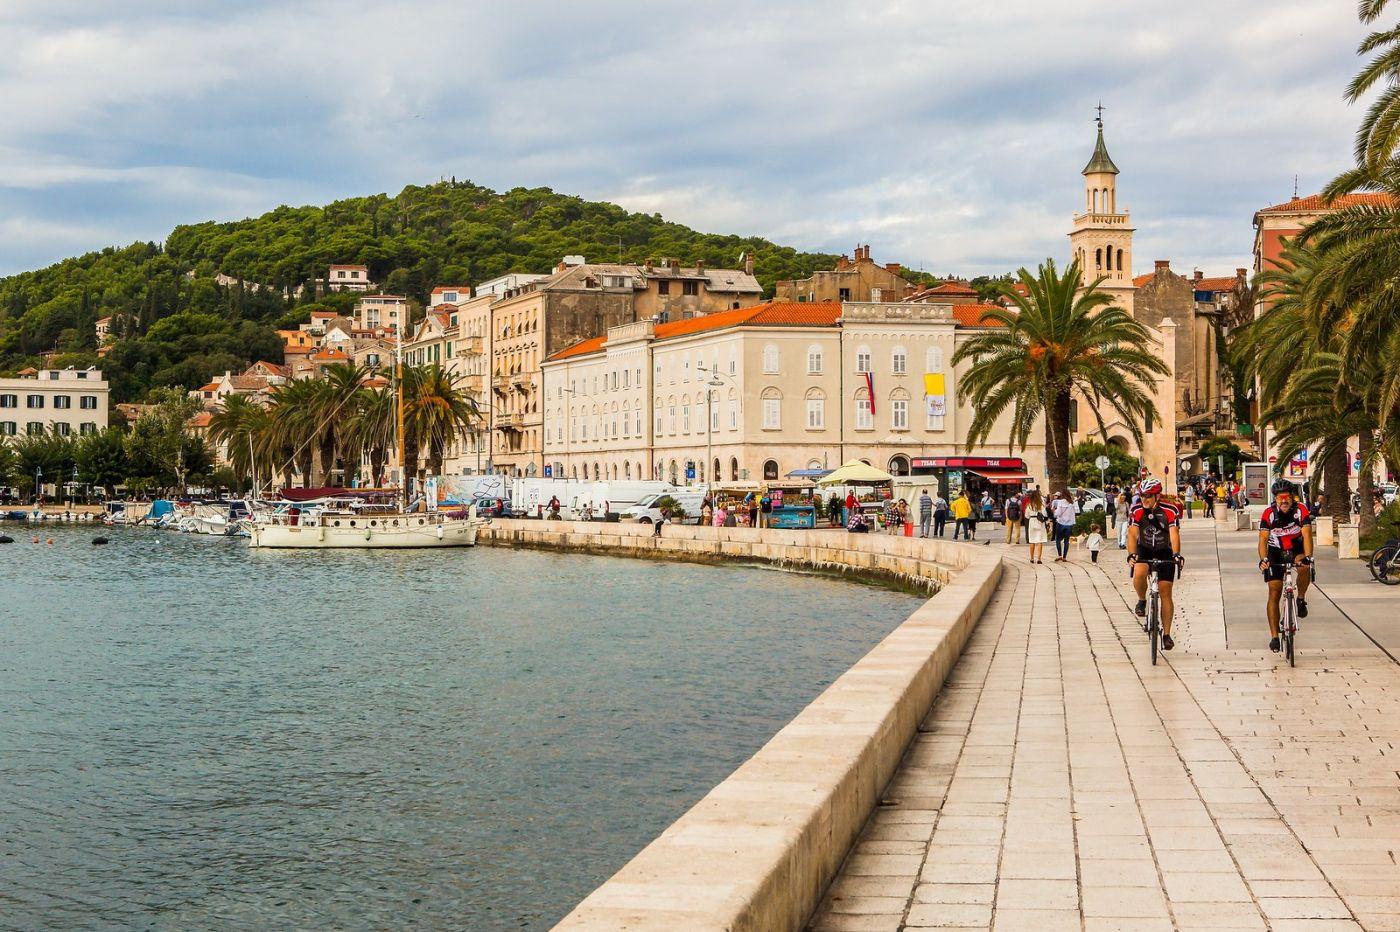 克罗地亚斯普利特(Split),美丽海滨城市_图1-20